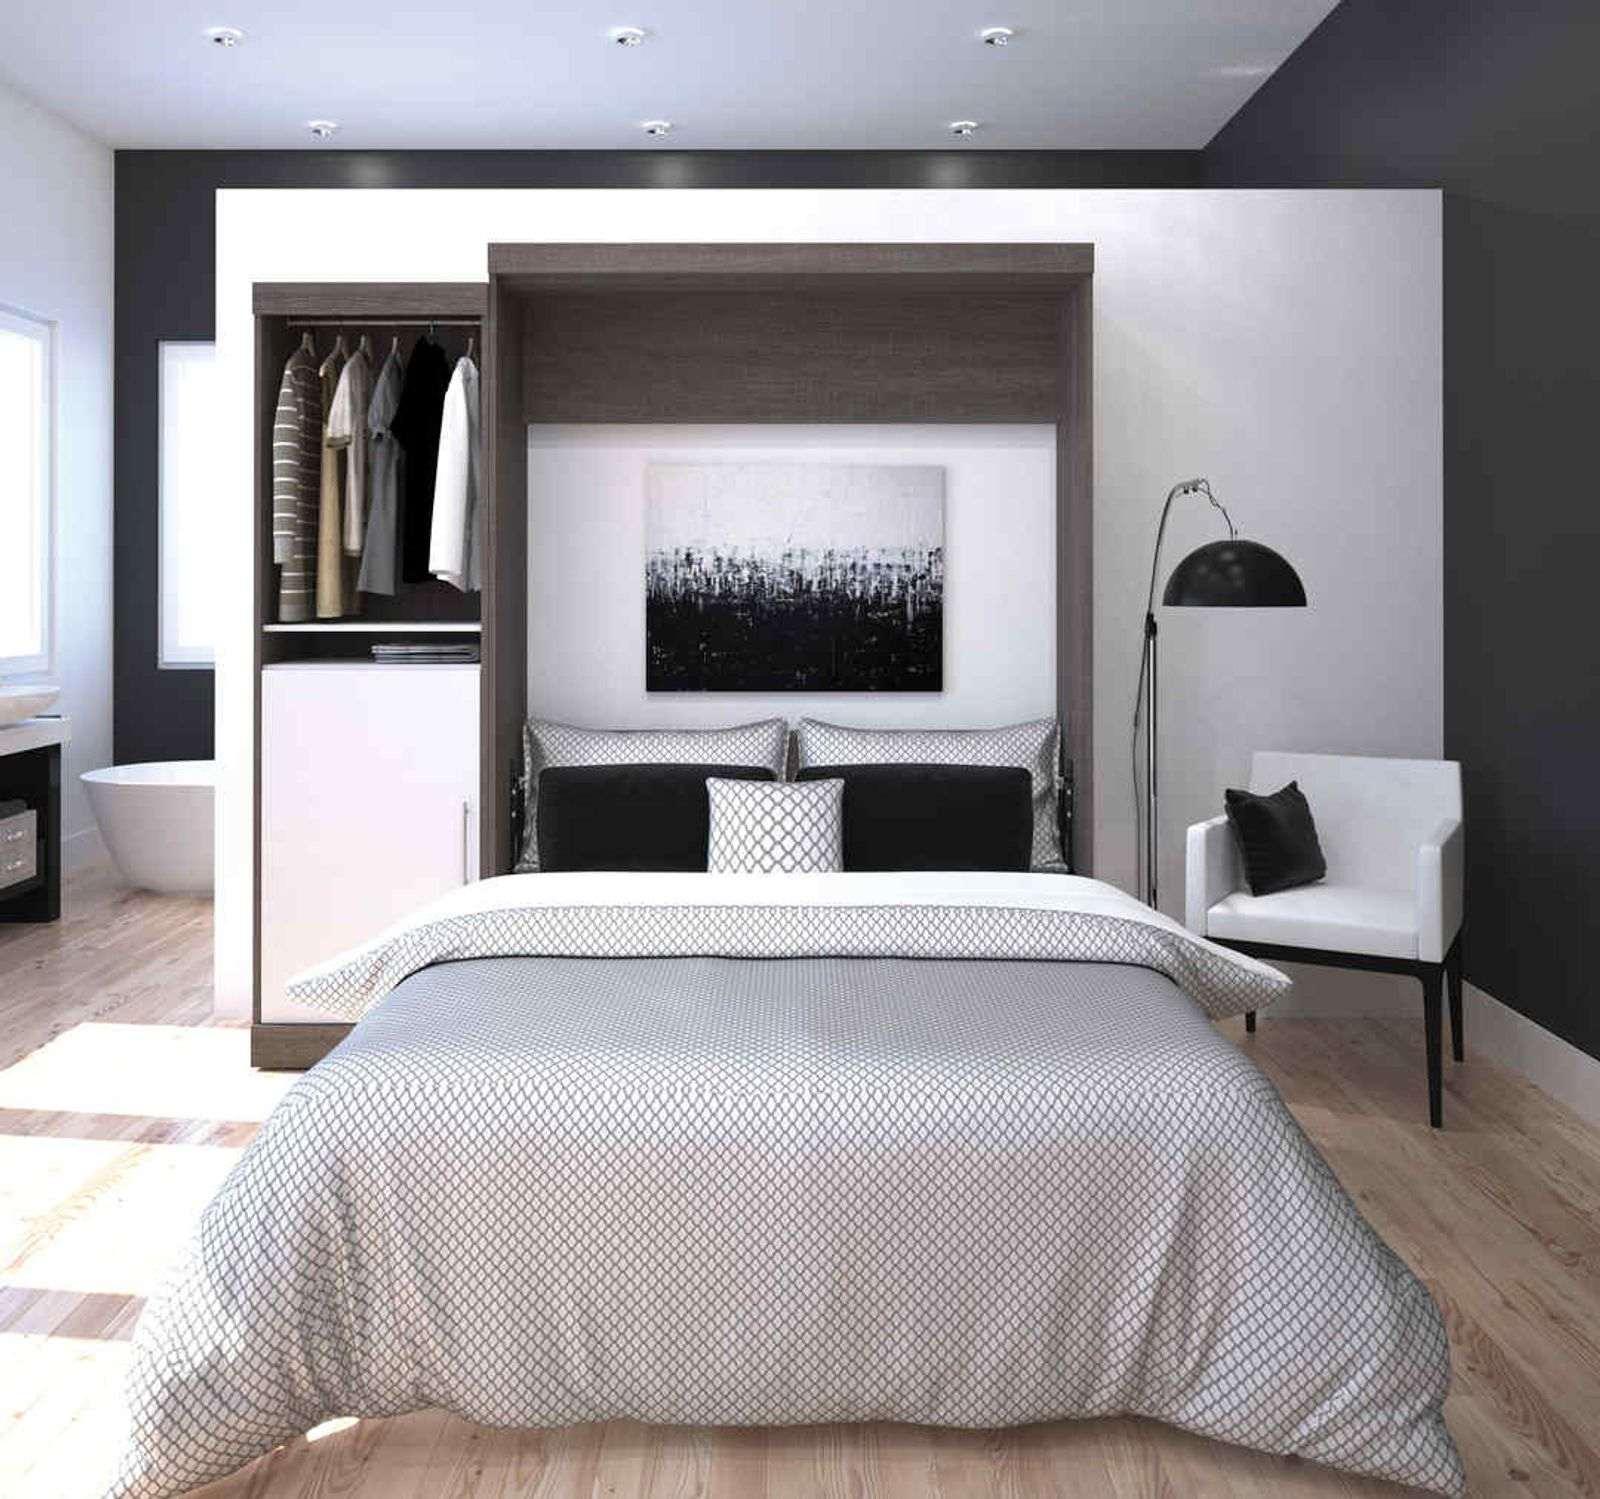 lit escamotable Bestar dans un petit espace